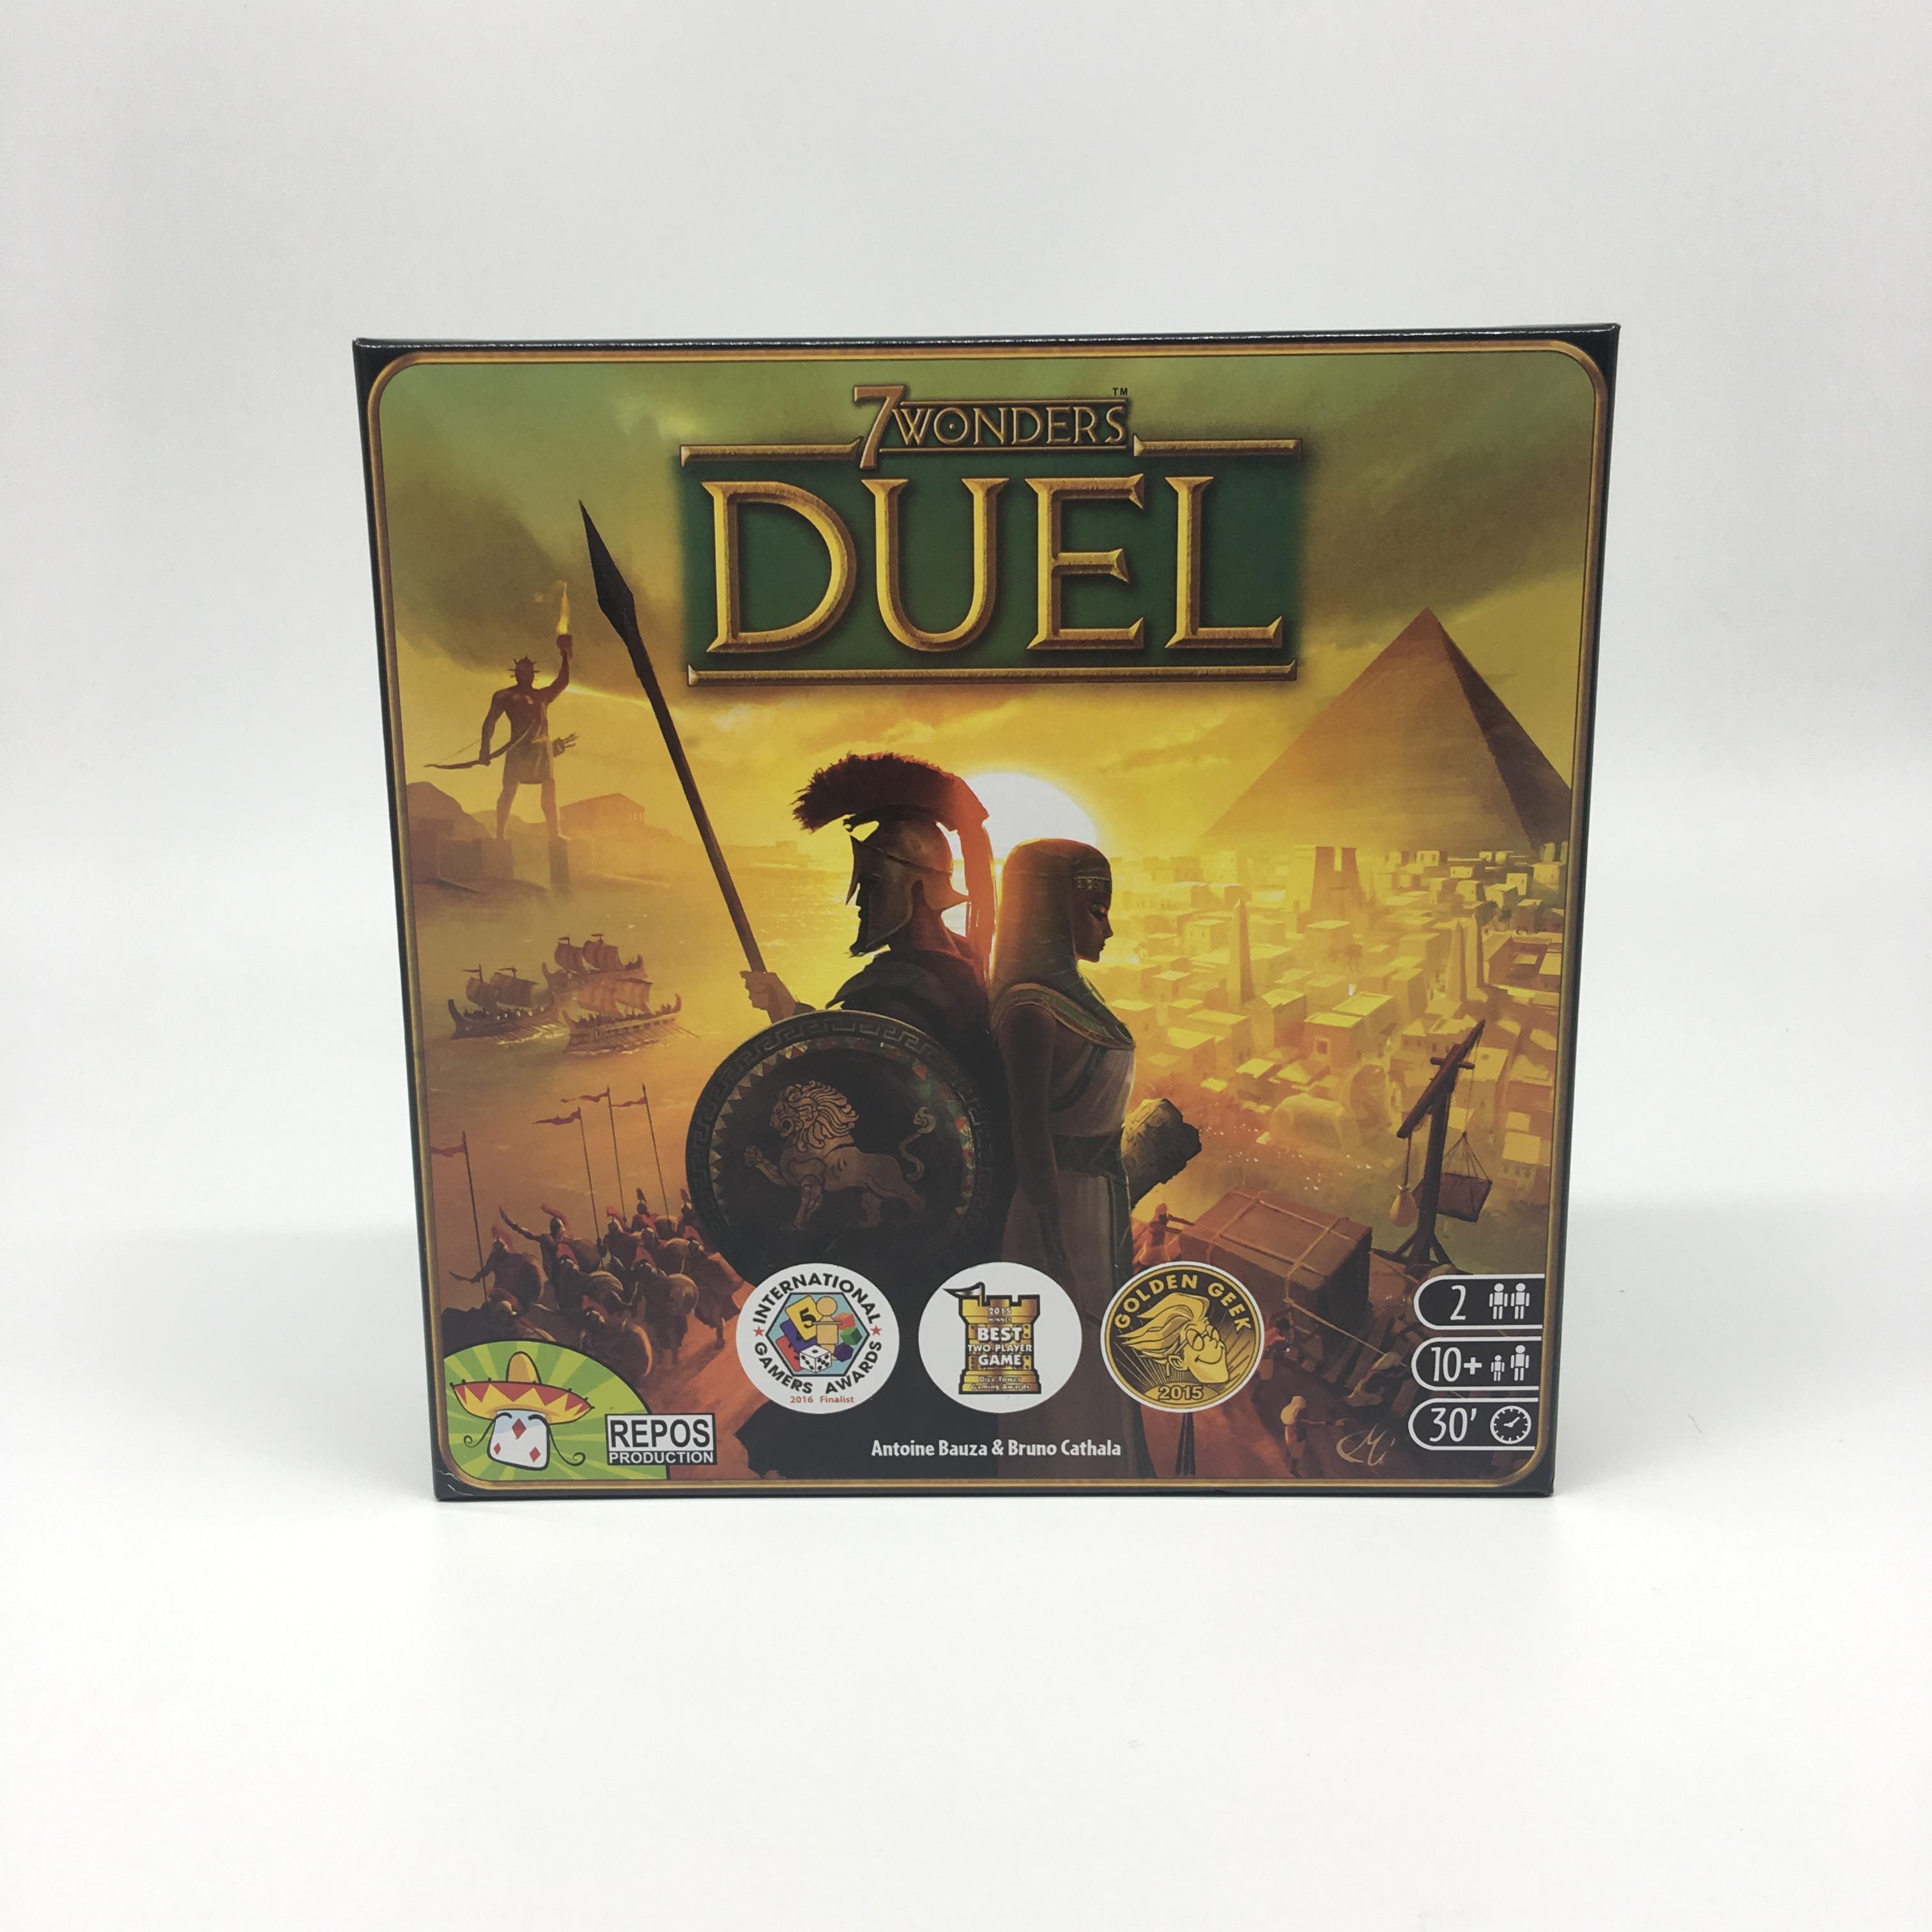 2020 novo jogo de cartas duelo jogo inglês versão 7 maravilhas jogo de tabuleiro festa família jogo de tabuleiro brinquedos do miúdo